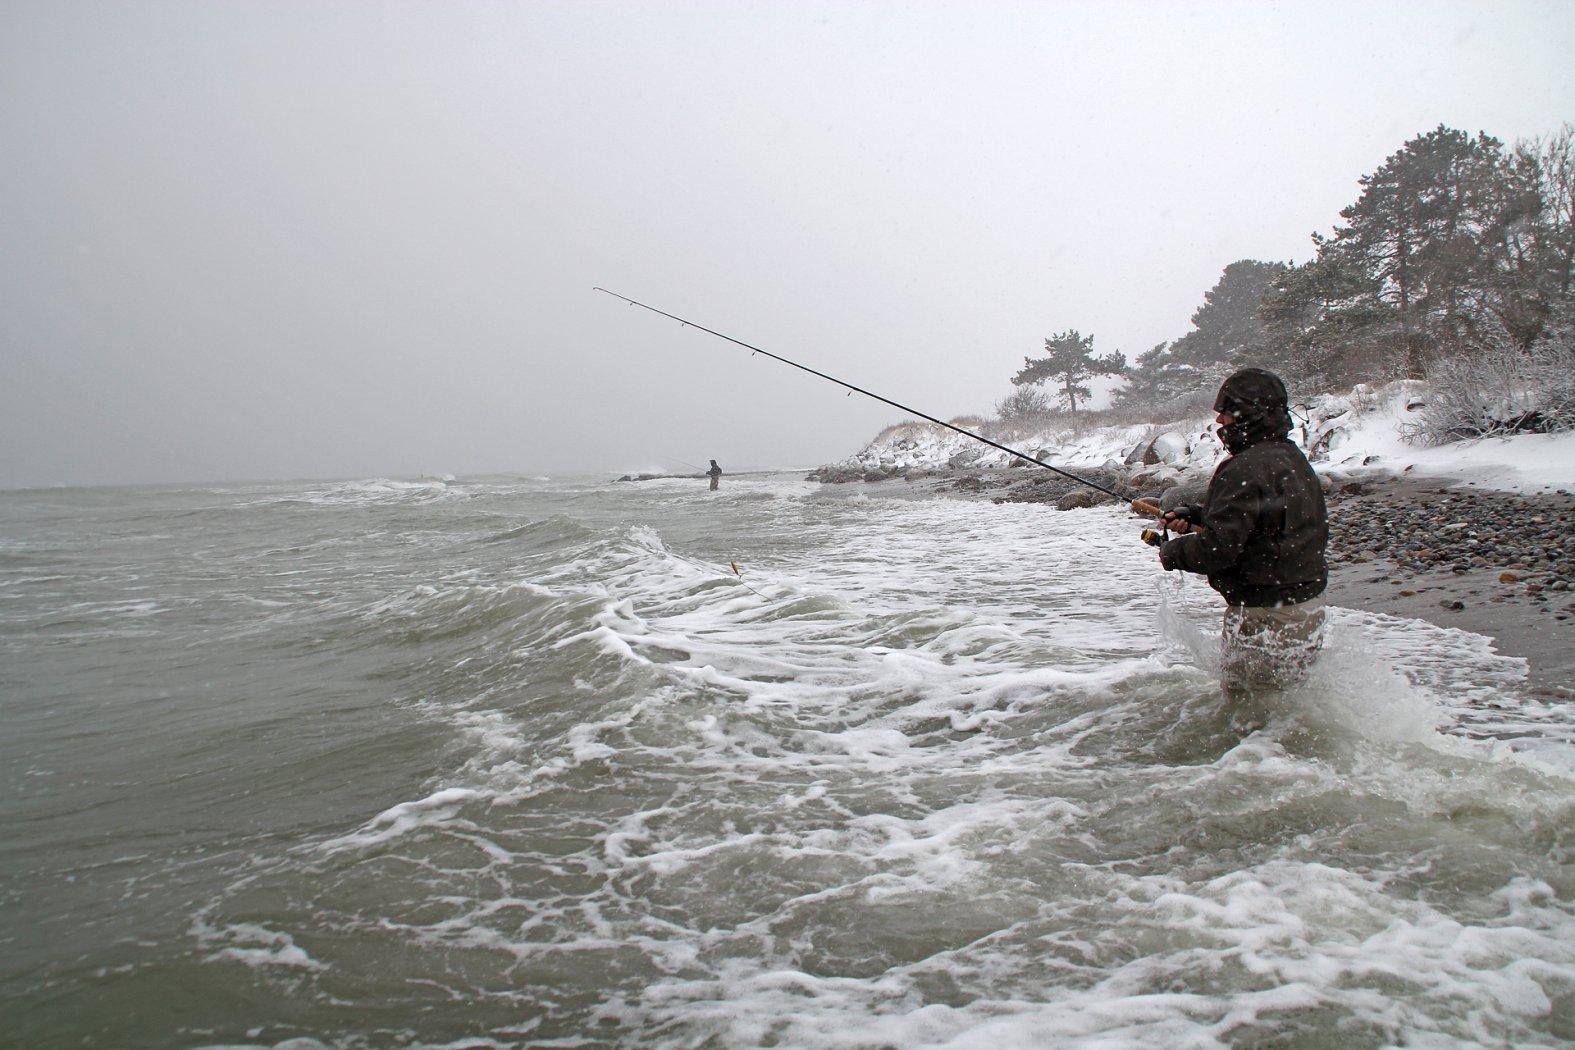 Meerforellenangeln im Winter an der Ostsee